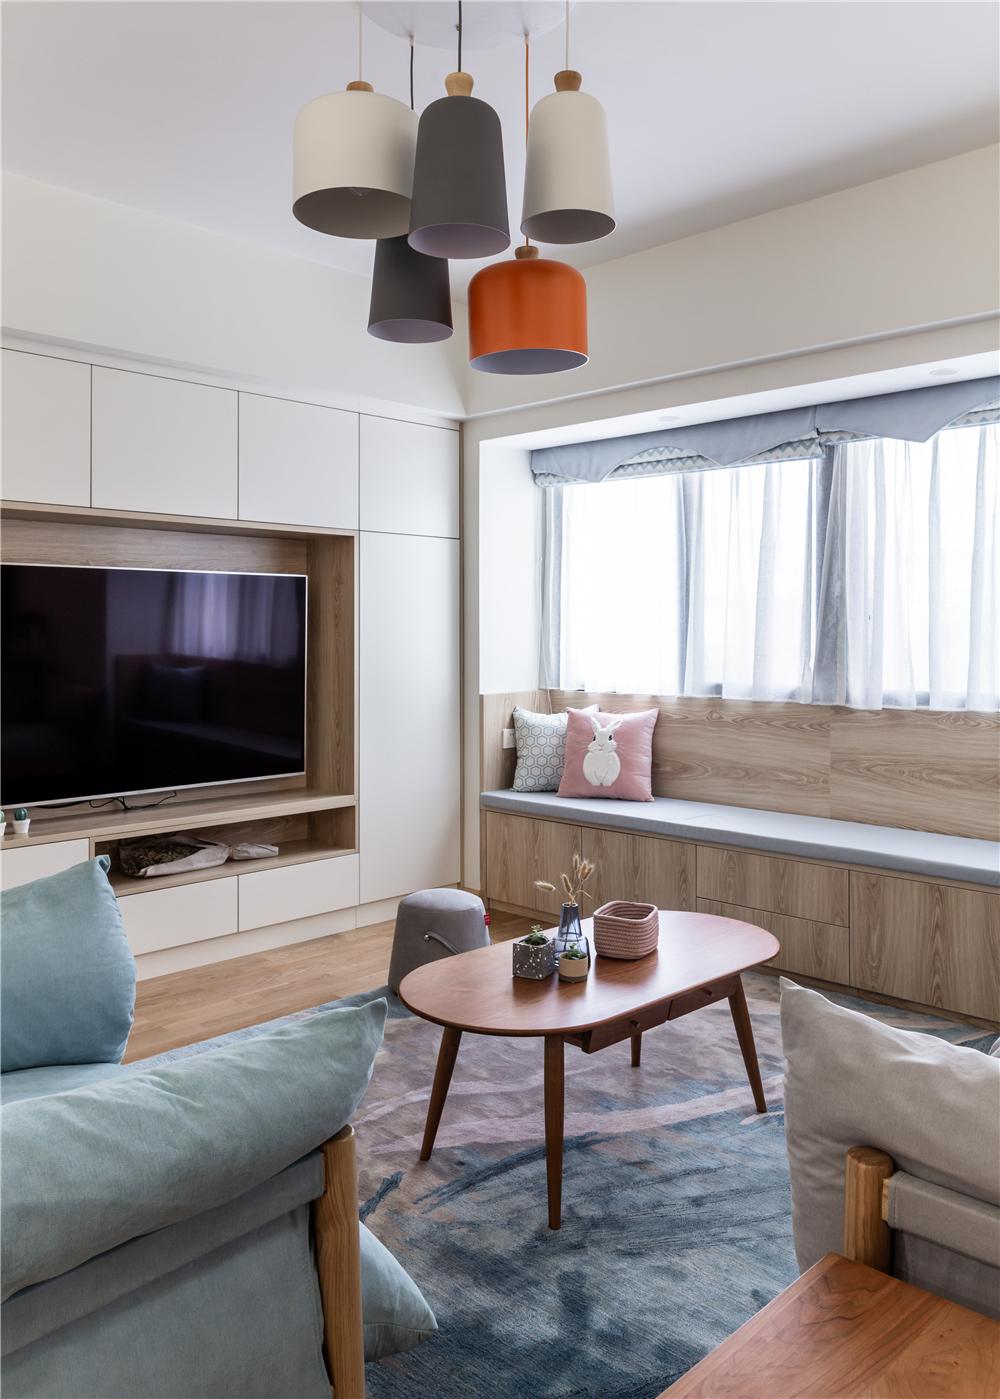 北欧风三居装修客厅吊灯设计